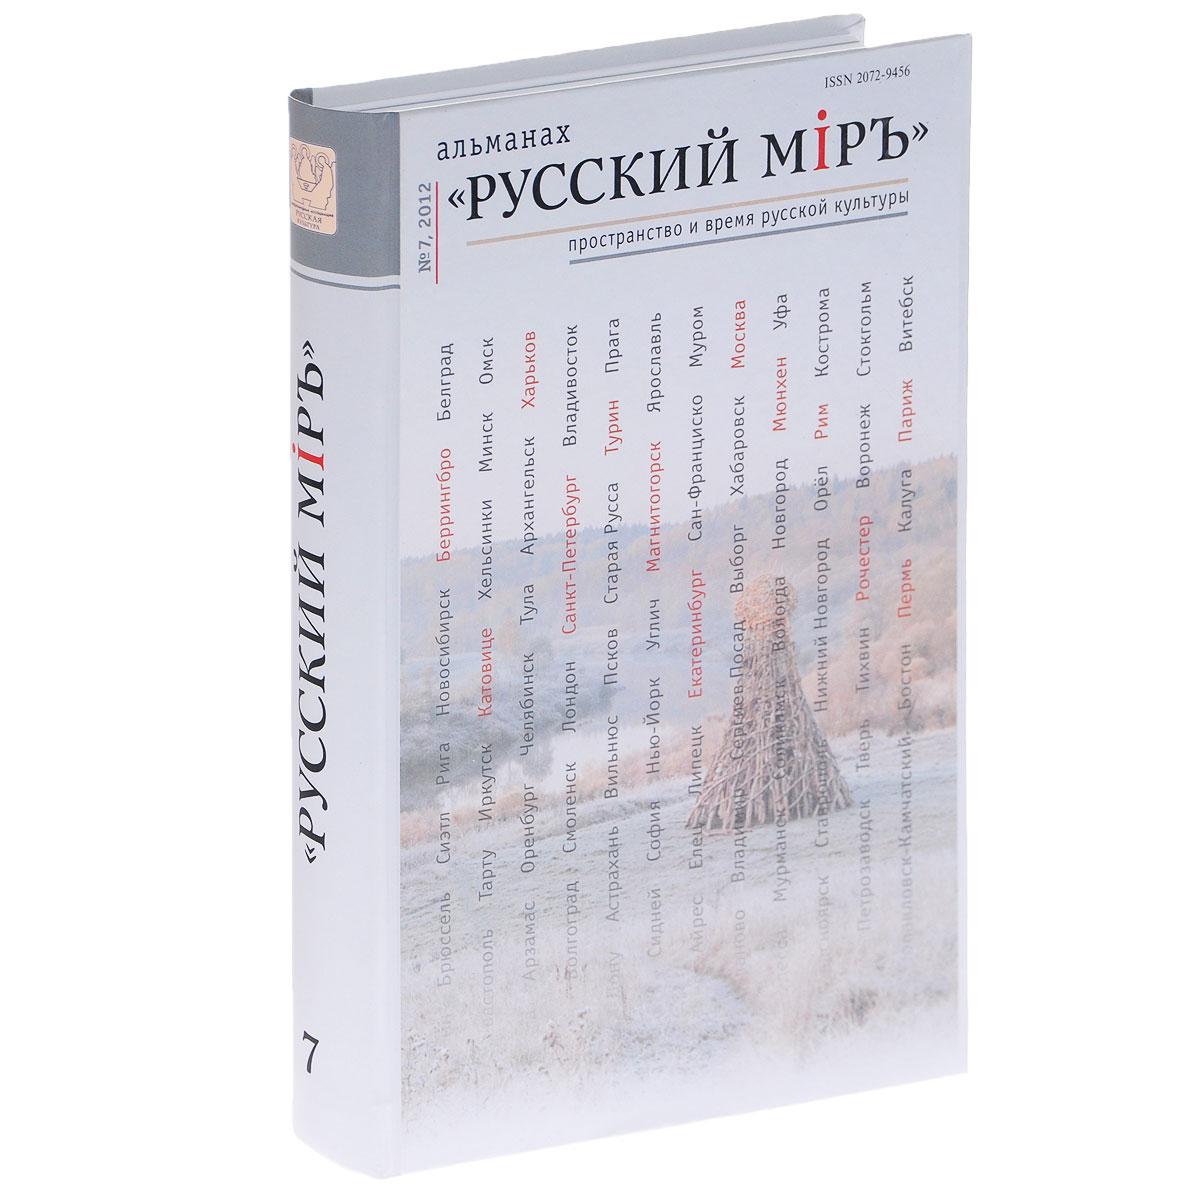 Русский мiръ. Пространство и время русской культуры. Альманах, №7, 2012